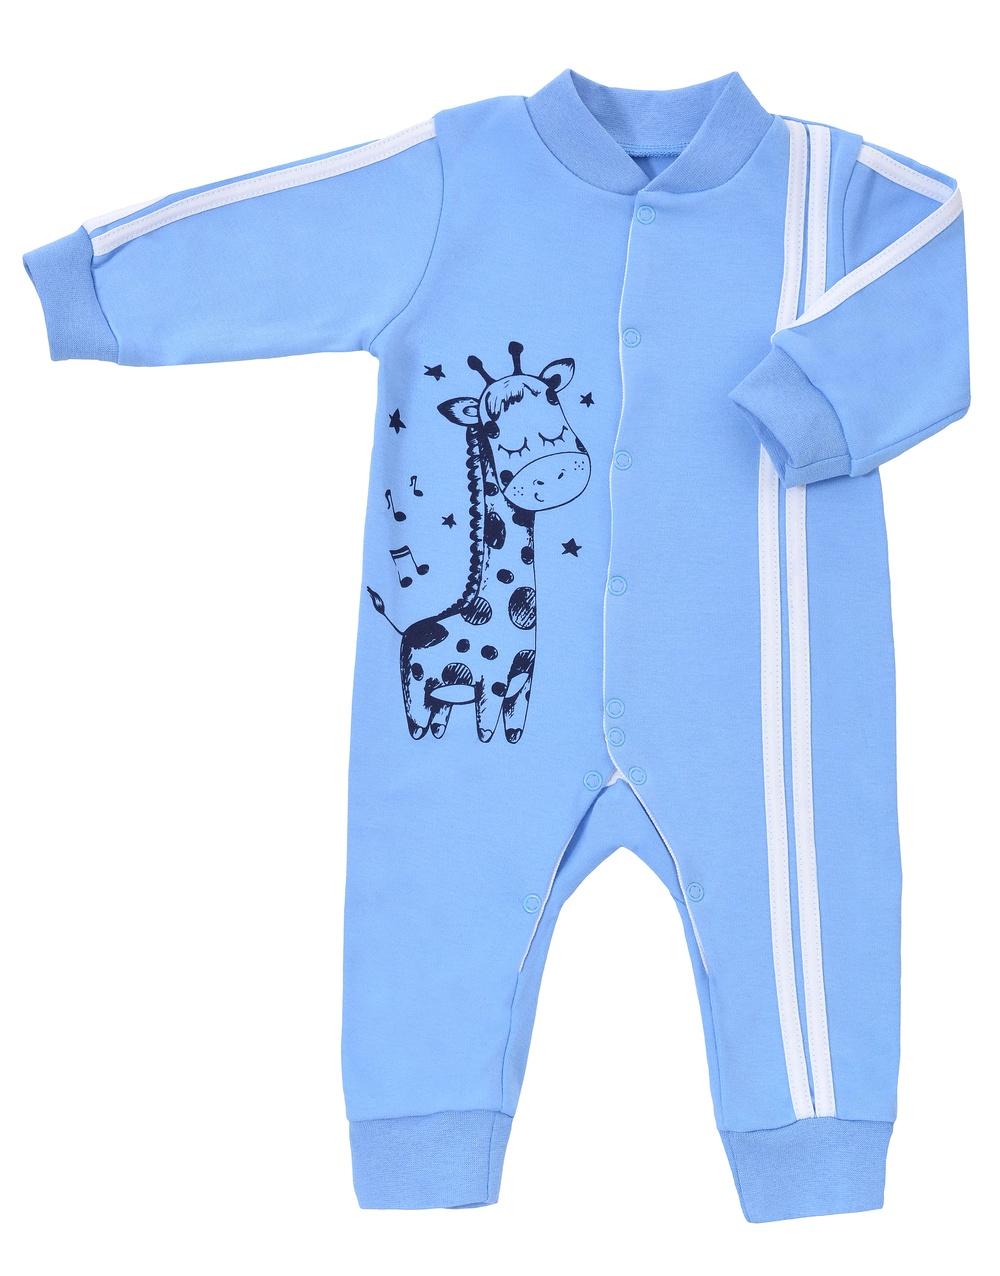 Комбинезон Детская одежда одежда для новорожденных готовые выкройки